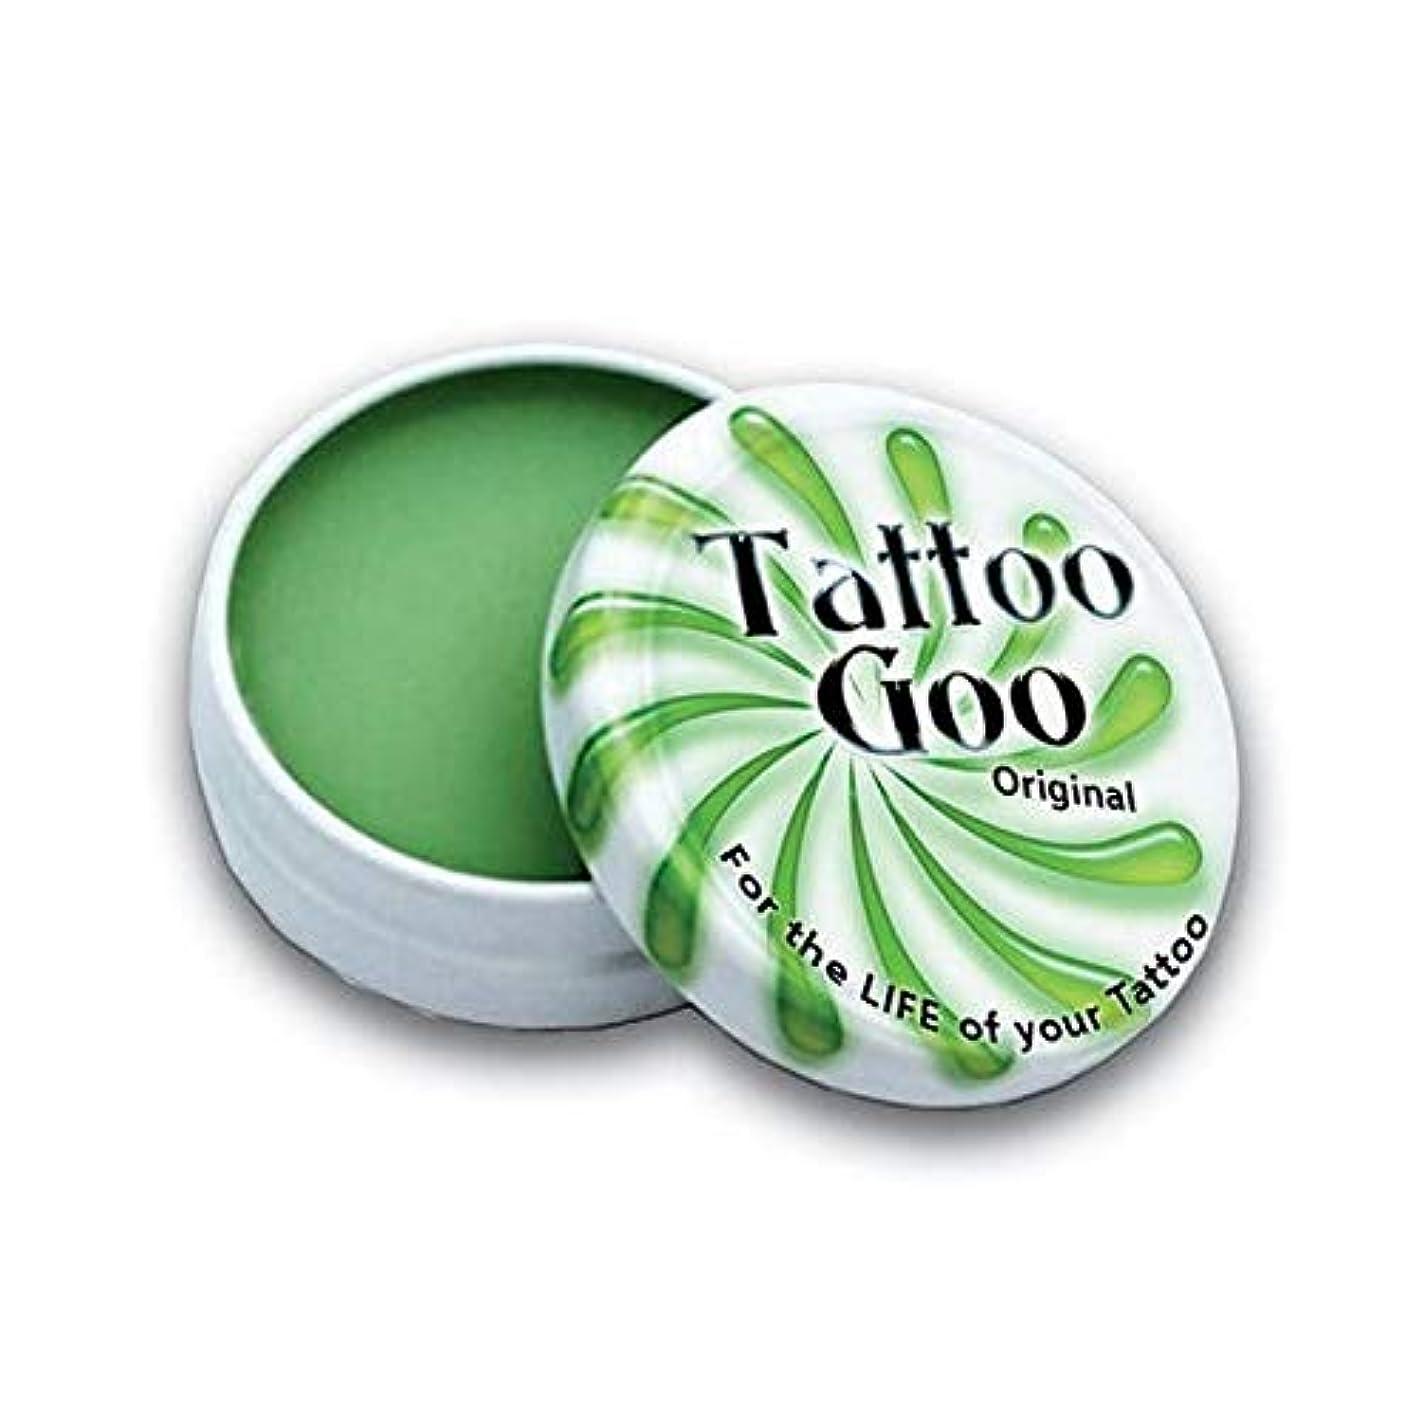 ソファーミュージカル彼らの[Tattoo Goo ] タトゥーグー?3/4オンスオリジナル錫 - Tattoo Goo ? 3/4oz Original Tin [並行輸入品]